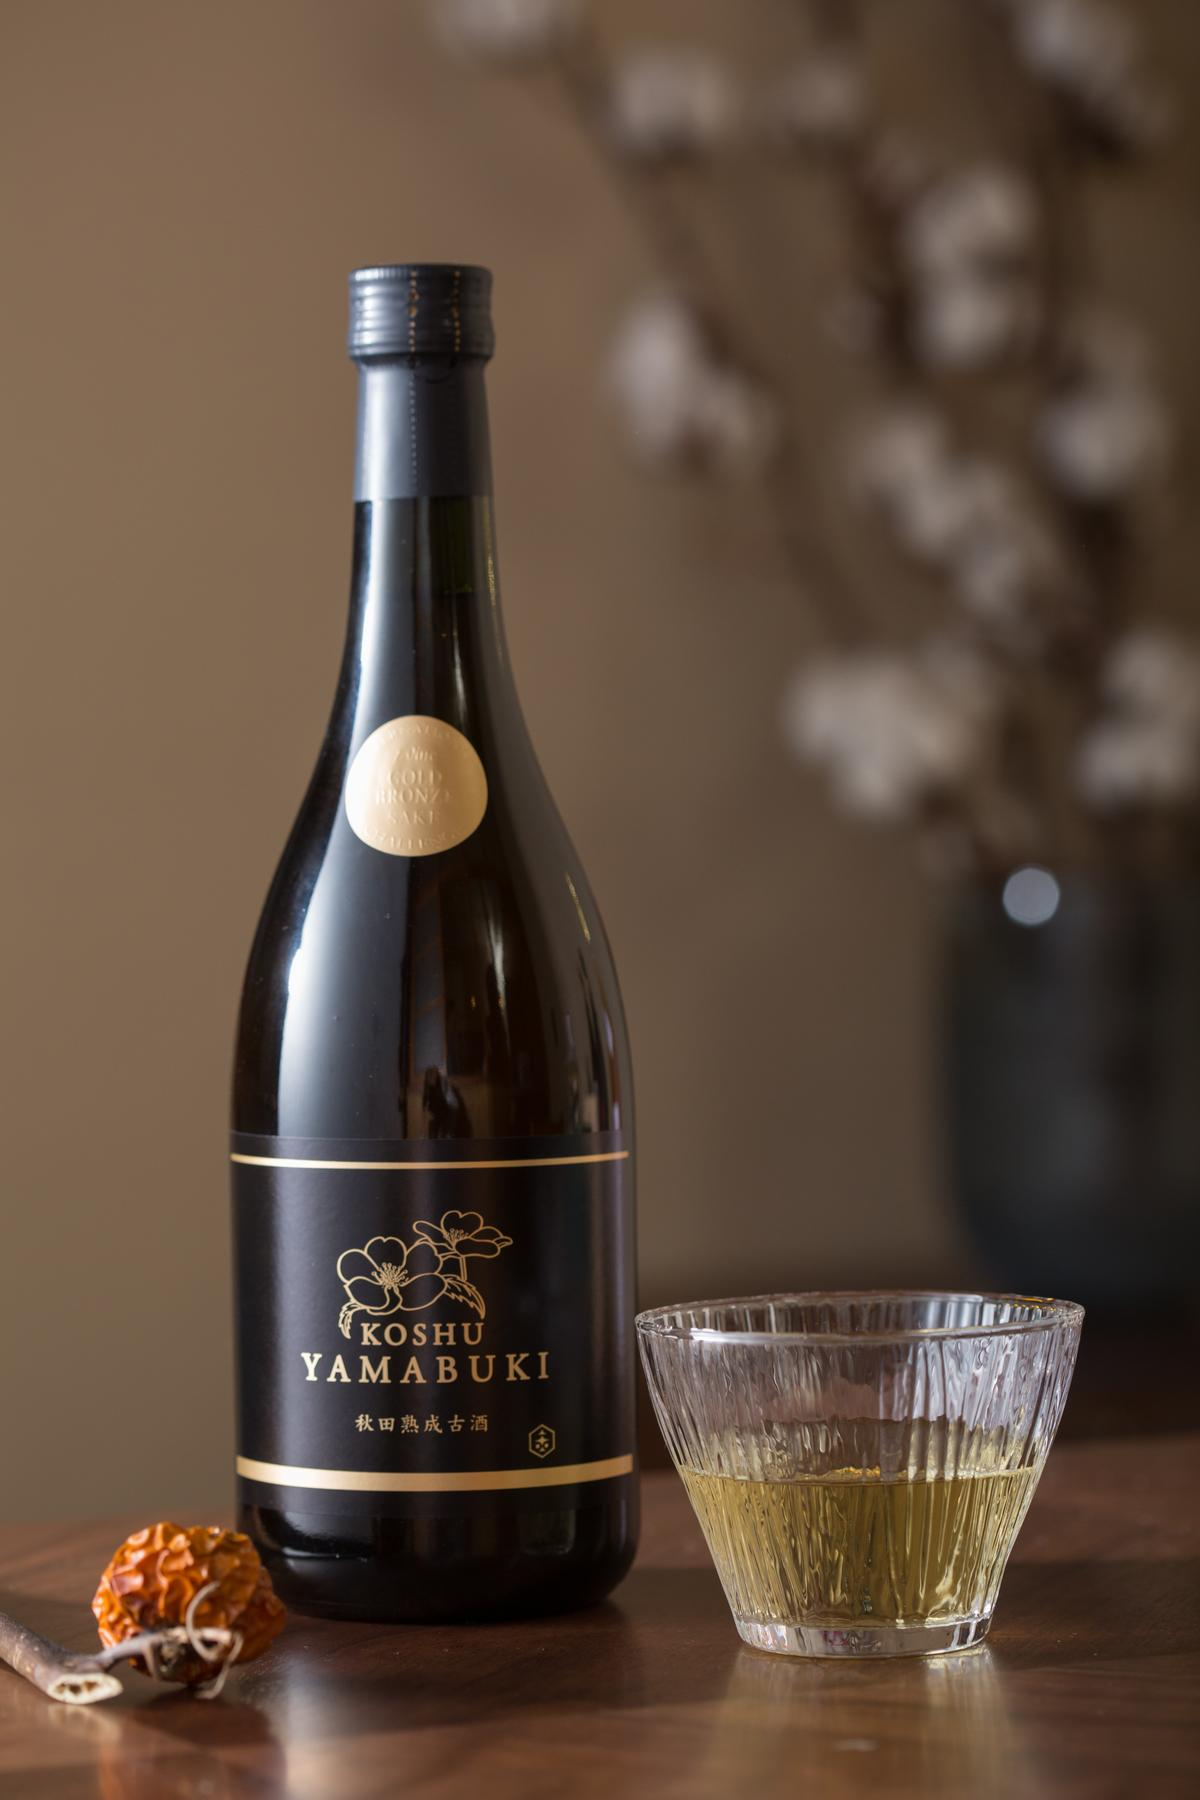 外表看起來像葡萄酒的「山吹」熟成古酒,基酒則是以10年為起跳,一直到20年的古酒都有。香味雅緻,有如陳年的紹興。(1,680元╱支,不單杯販售)